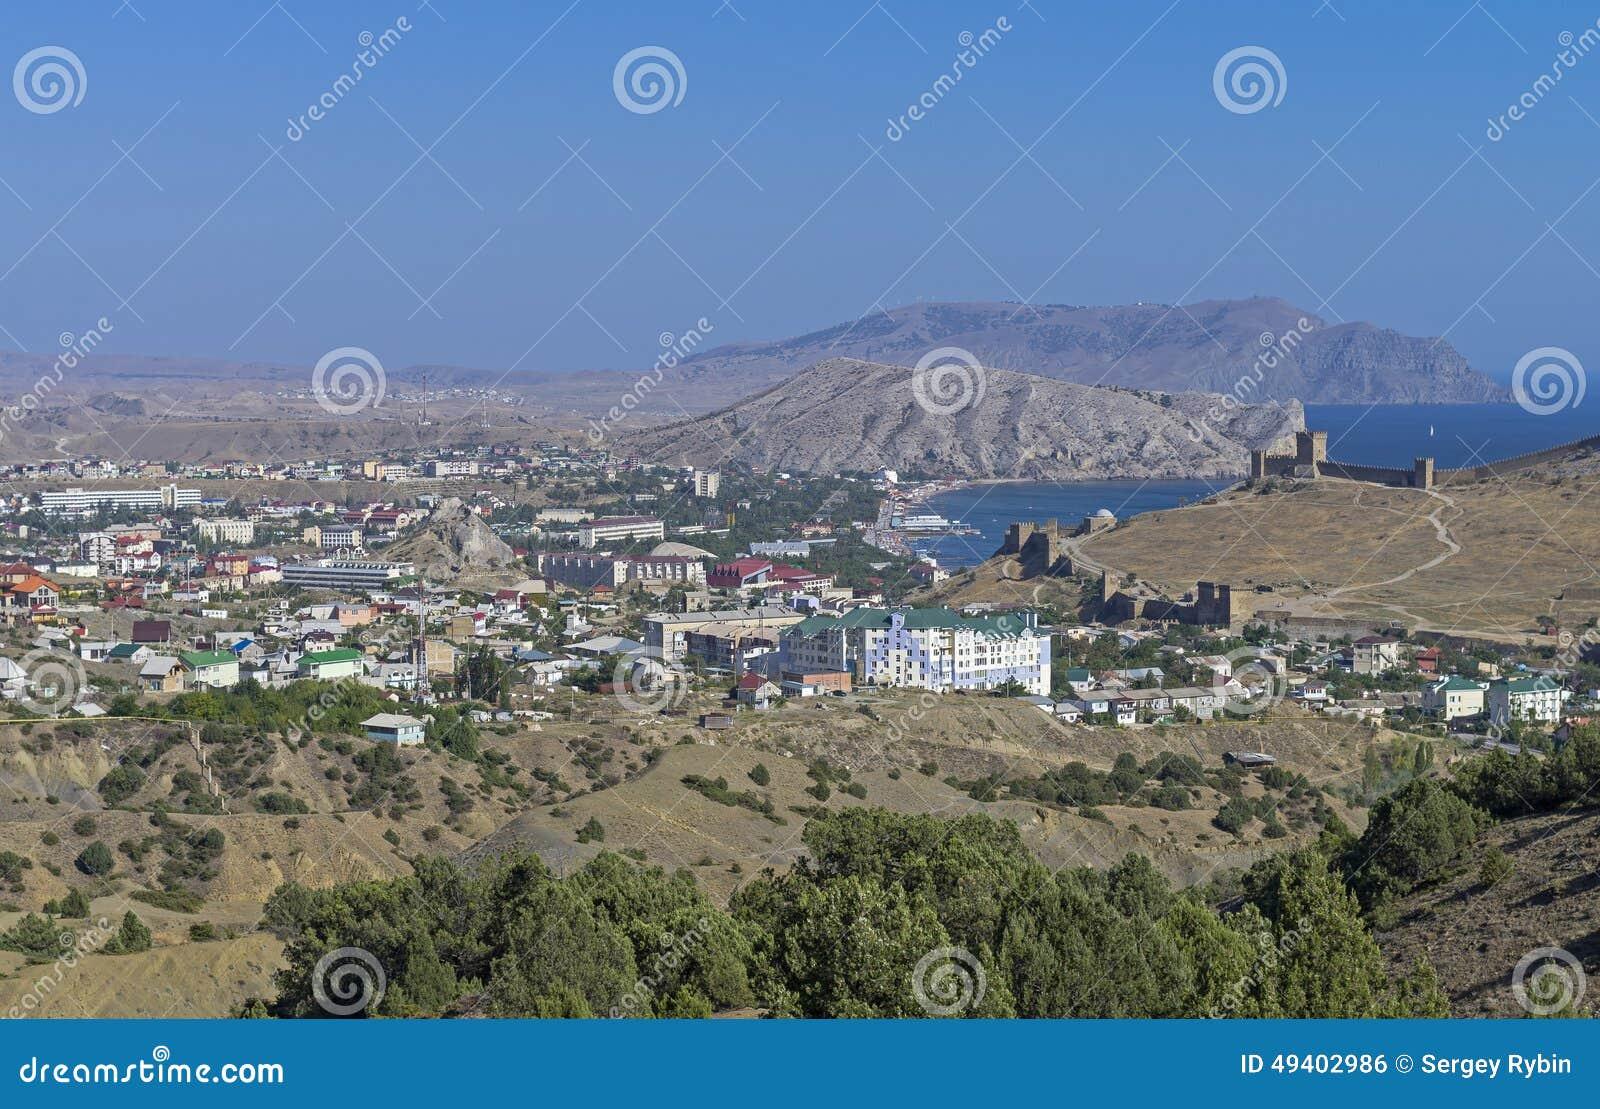 Download Kleines Beliebtes Erholungsort In Krim Stockfoto - Bild von abhang, aufbau: 49402986